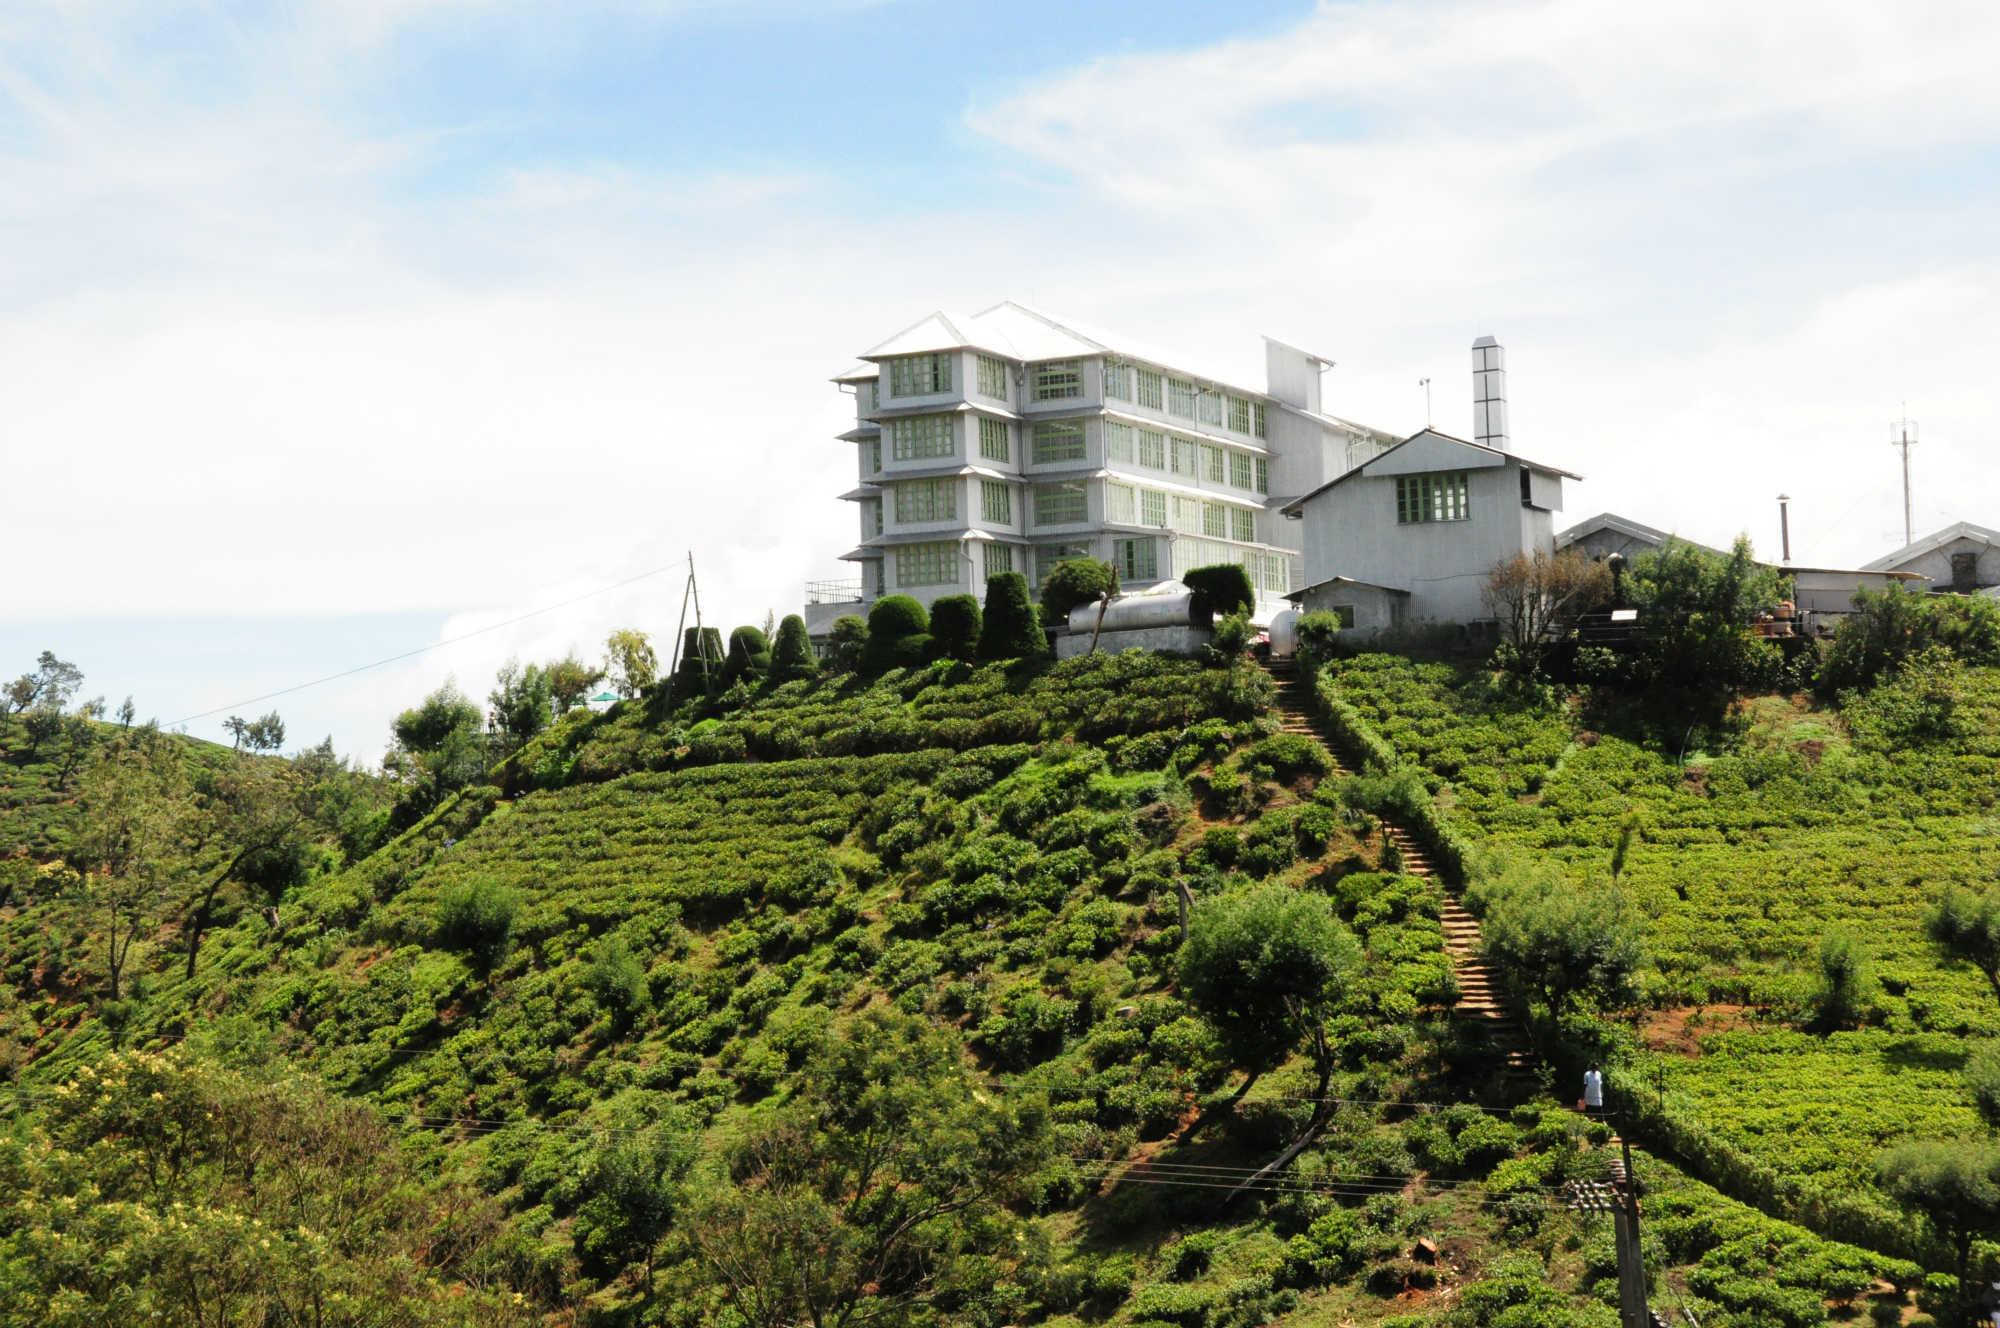 紅茶の国スリランカが生んだユニークなホテル「ヘリタンス ティーファクトリー」